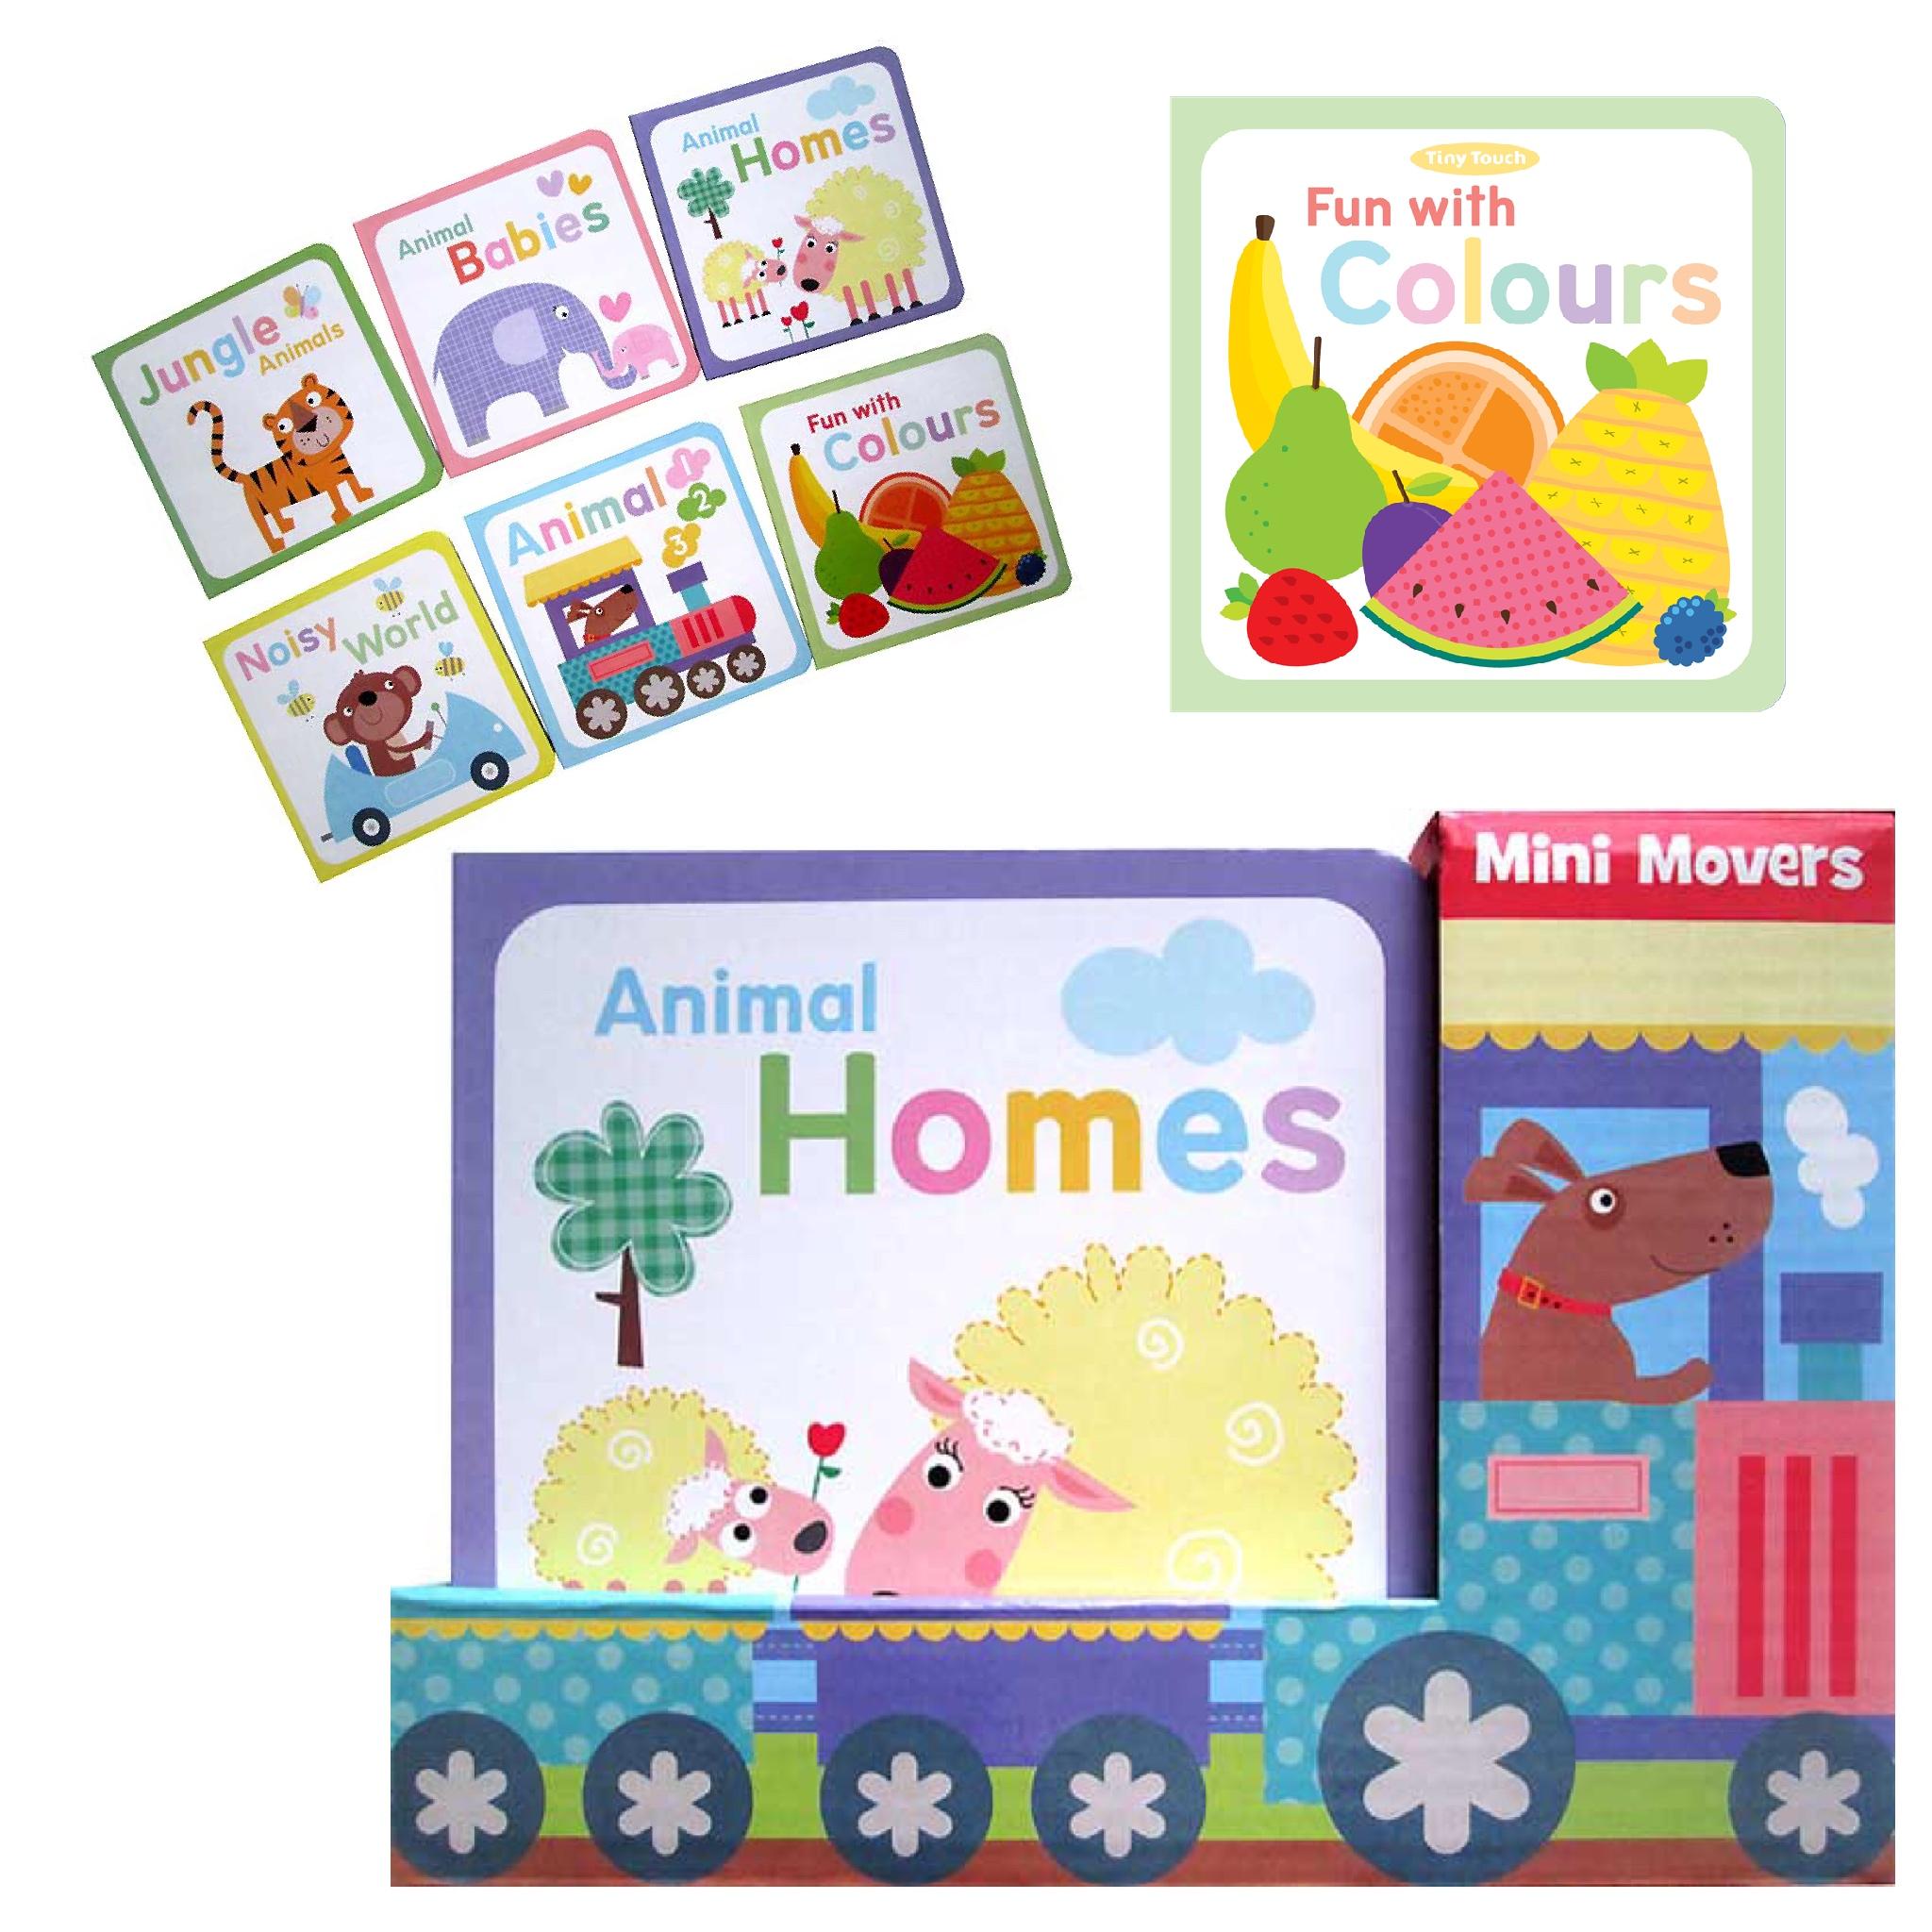 ชุดหนังสือสุดน่ารักสำหรับเด็กเล็ก Mini Movers Board Book Set